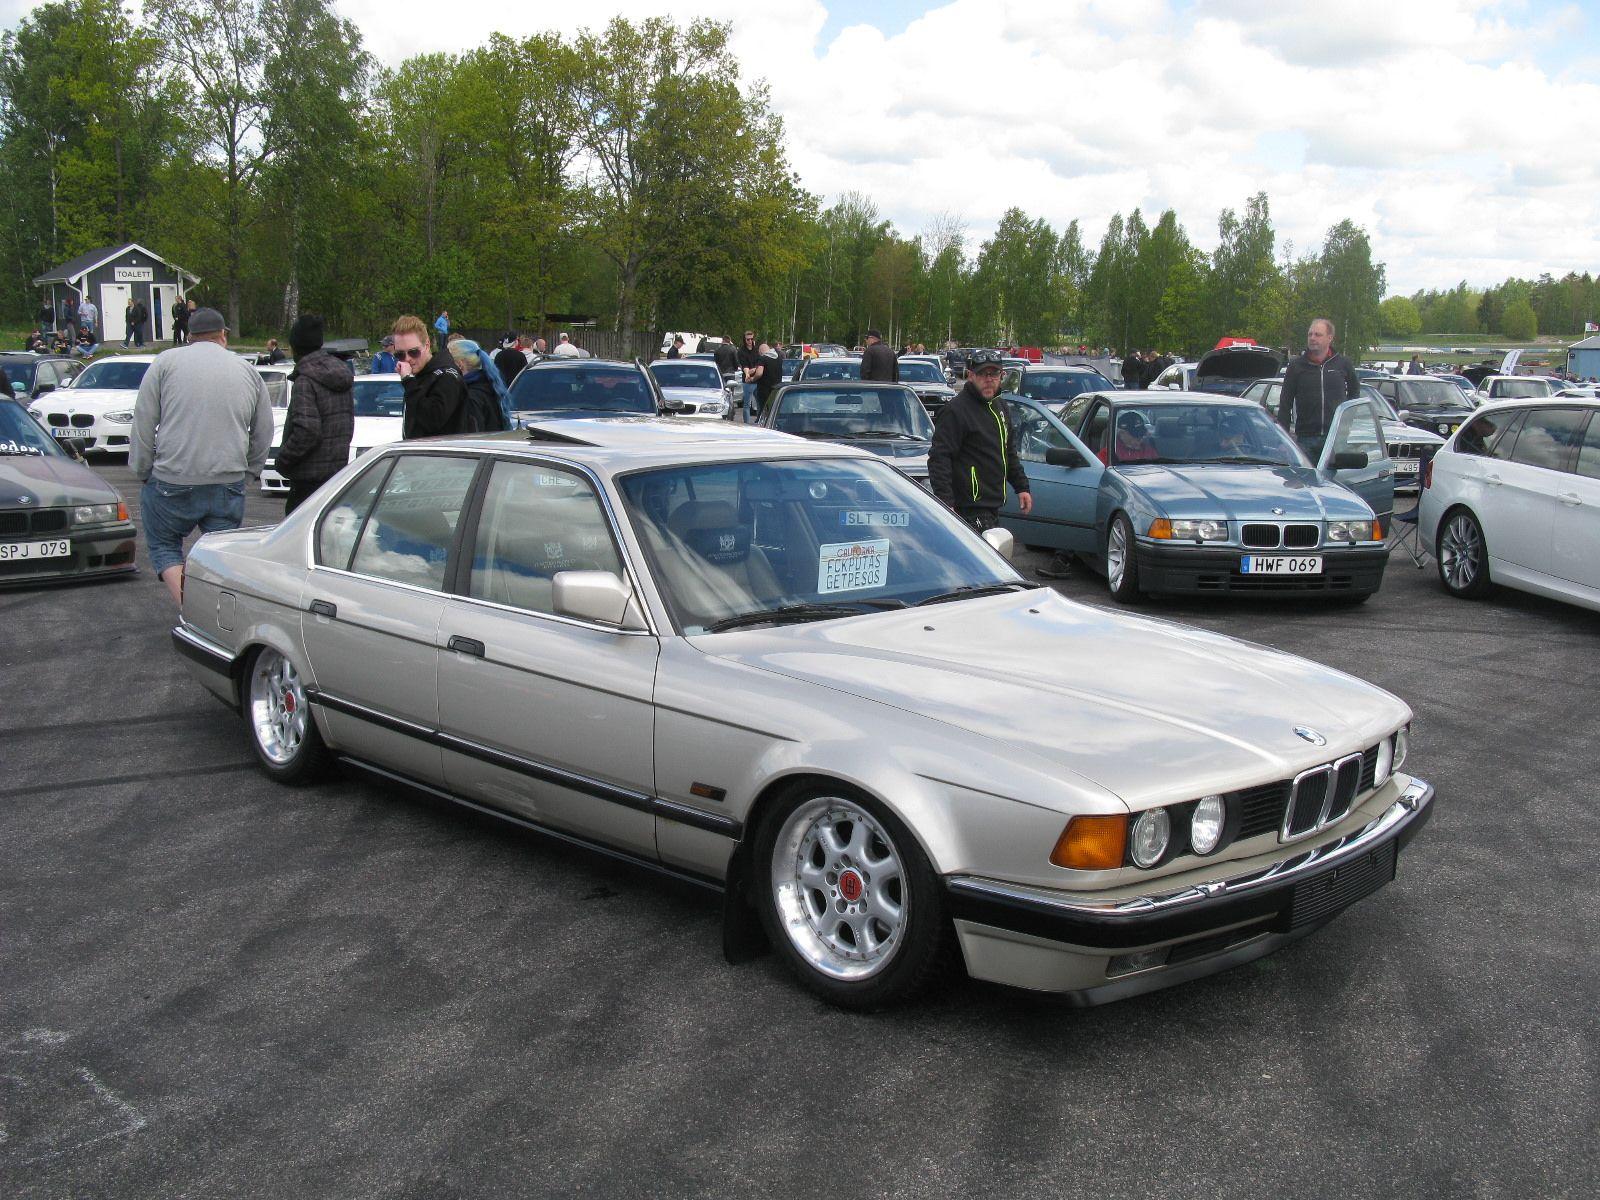 BMW 735i E32 Bmw, Bmw classic, Bmw 7 series